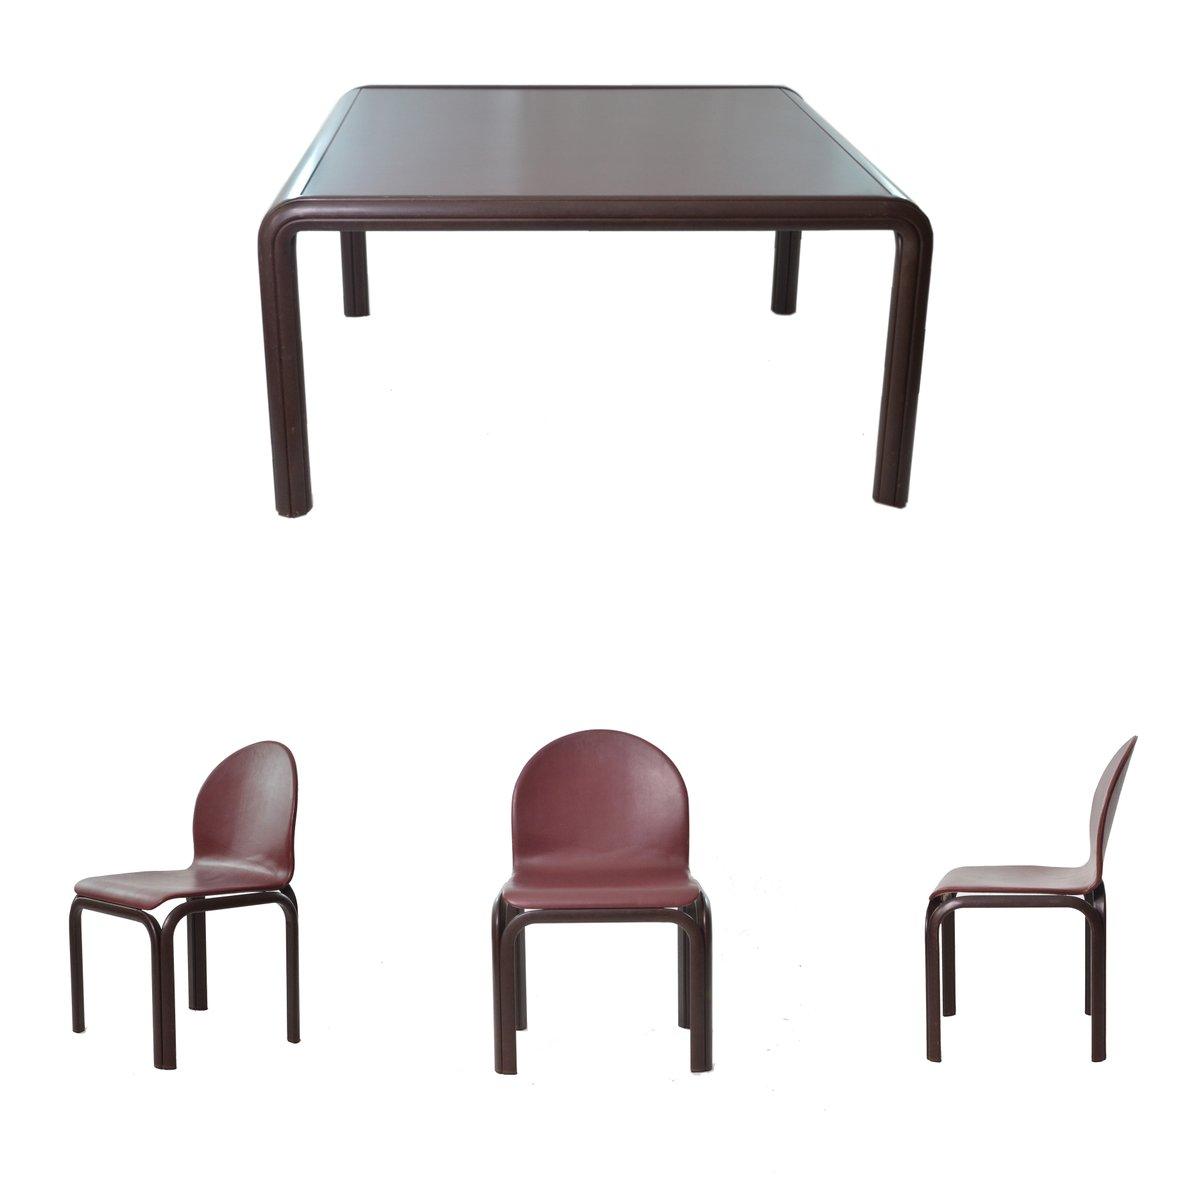 vintage tisch 4 st hle von gae aulenti f r knoll inc 1970er bei pamono kaufen. Black Bedroom Furniture Sets. Home Design Ideas